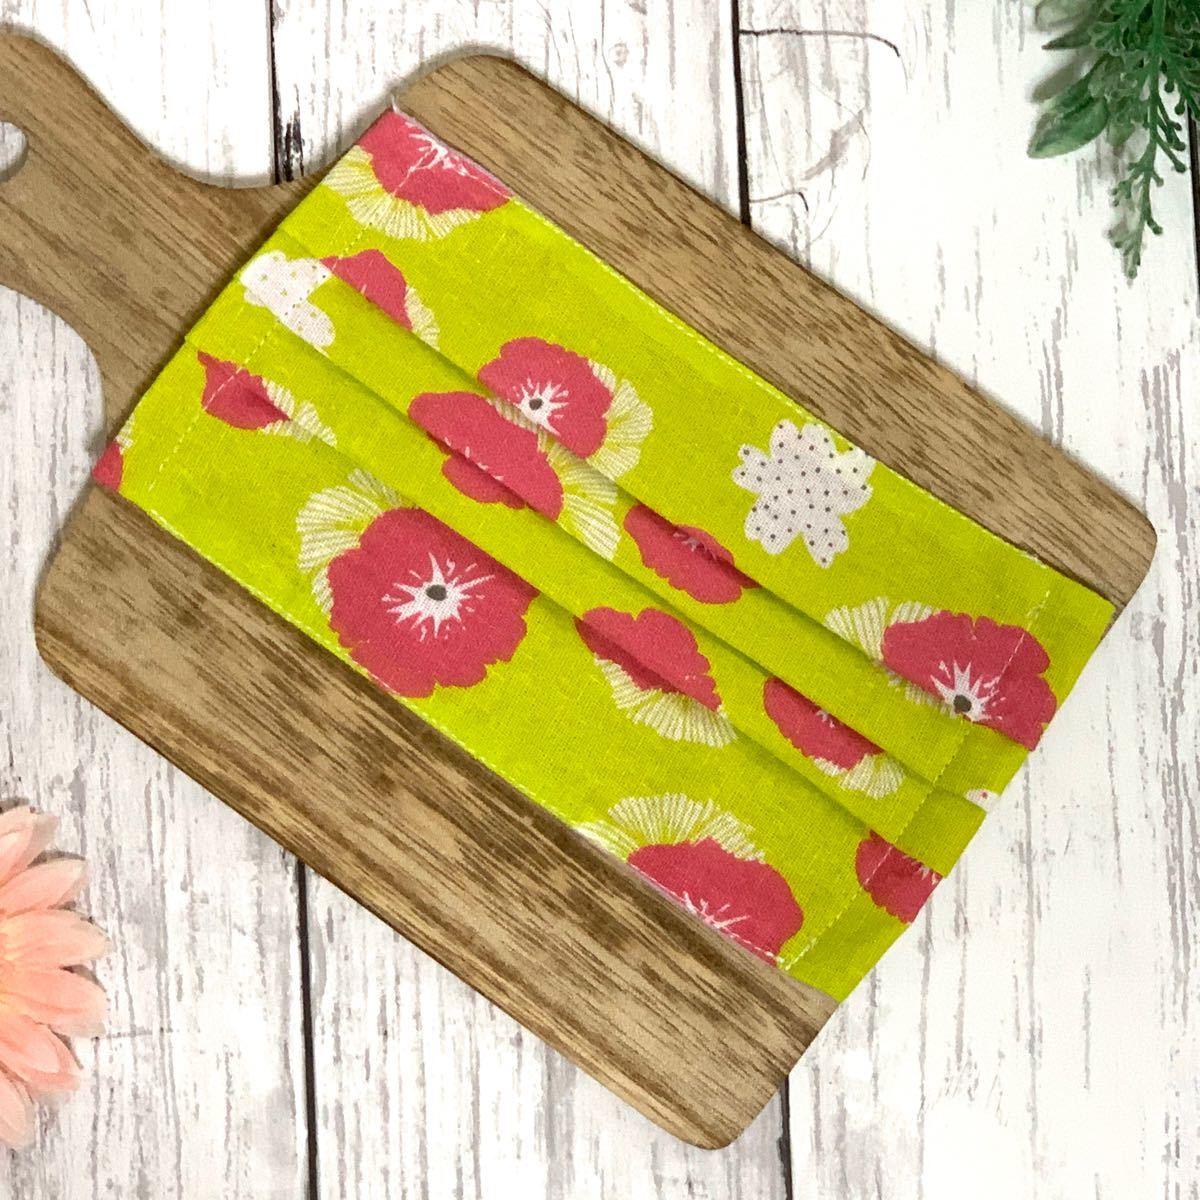 【ハンドメイド】花柄 和柄 薄めコットン生地 3枚セット 立体インナー インナーガーゼ レディース 大人サイズ プリーツ